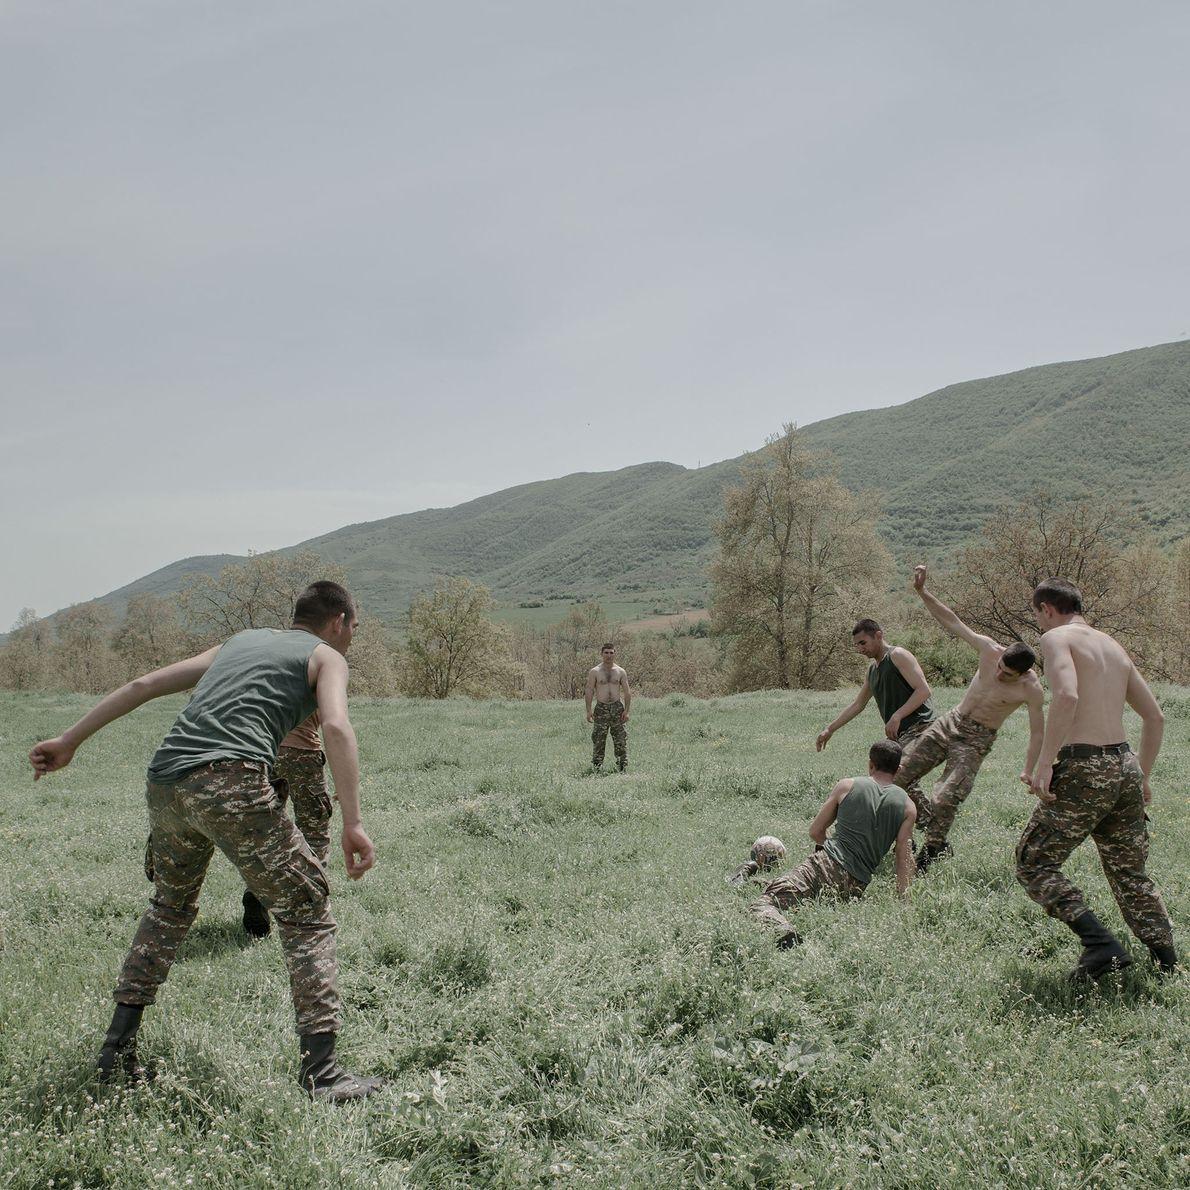 Les jeunes soldats jouent au football dans un village situé à proximité de la frontière iranienne.